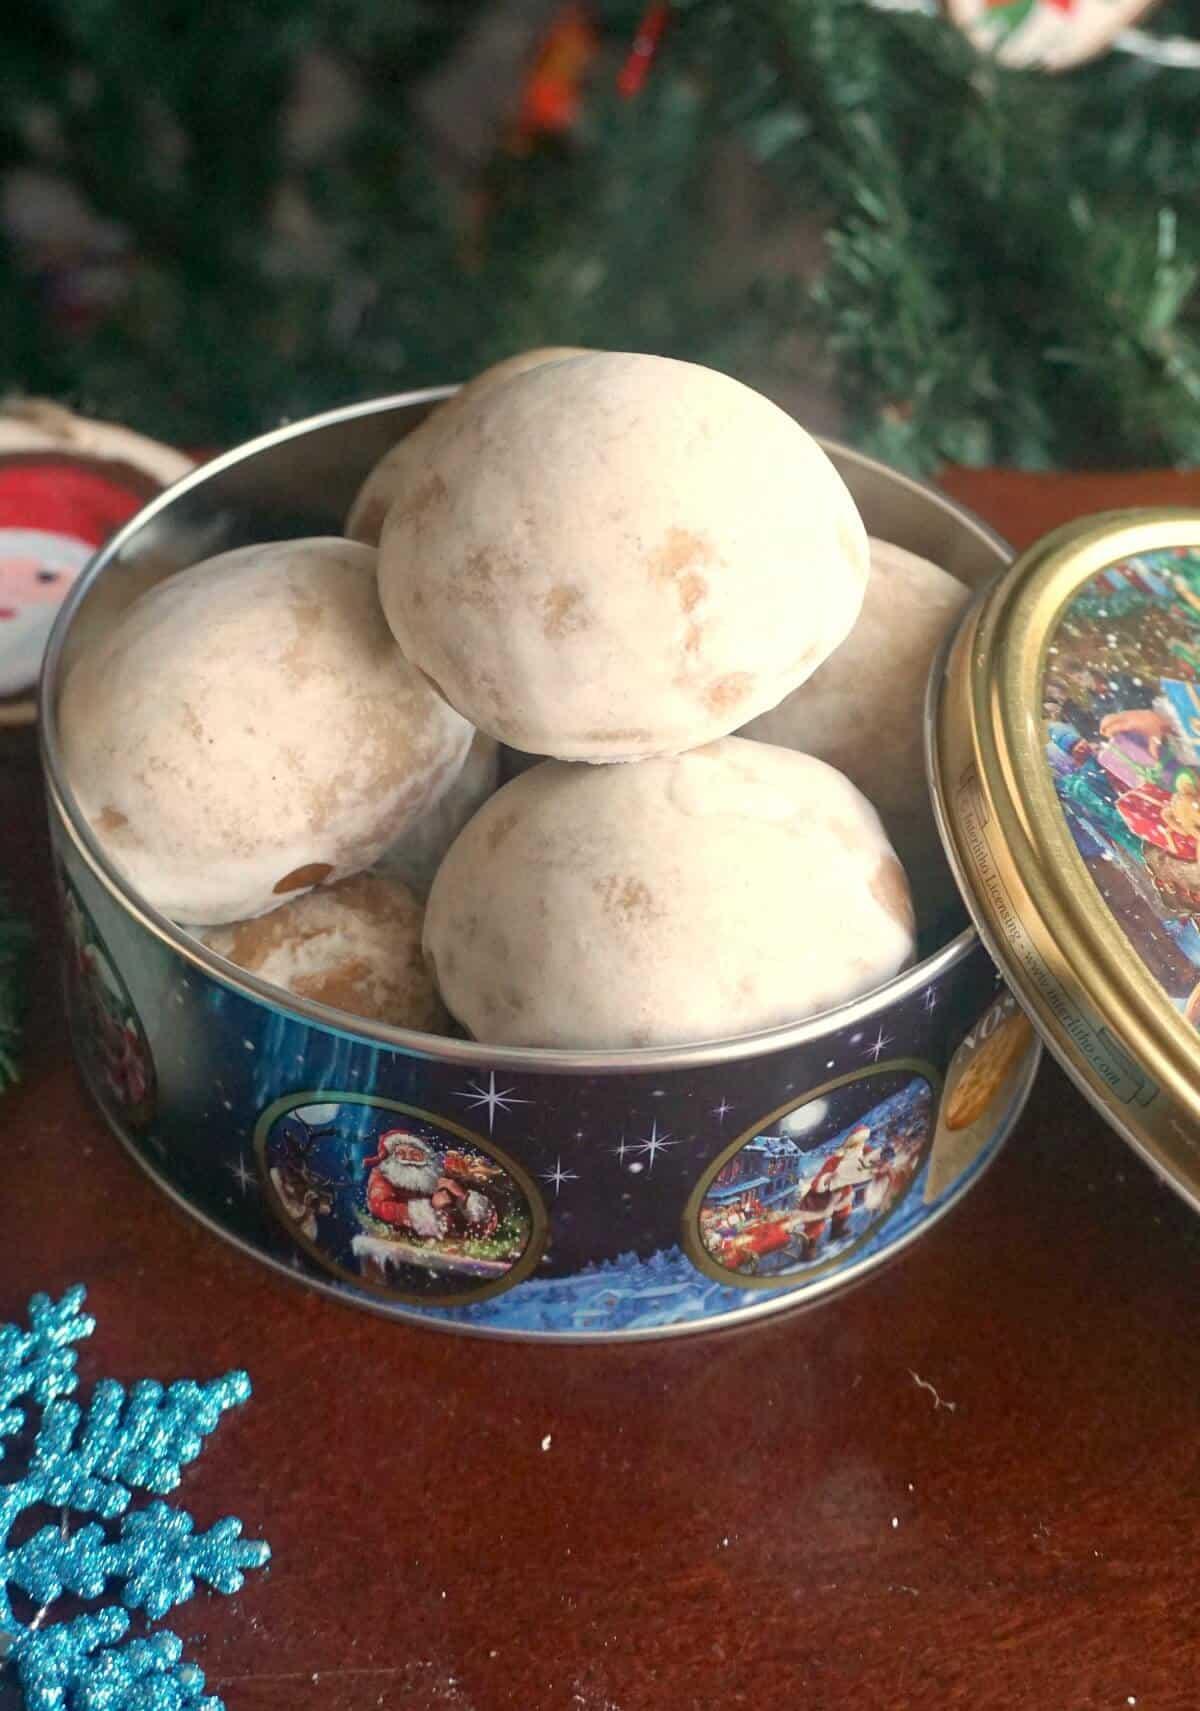 A tin of lebkuchen cookies